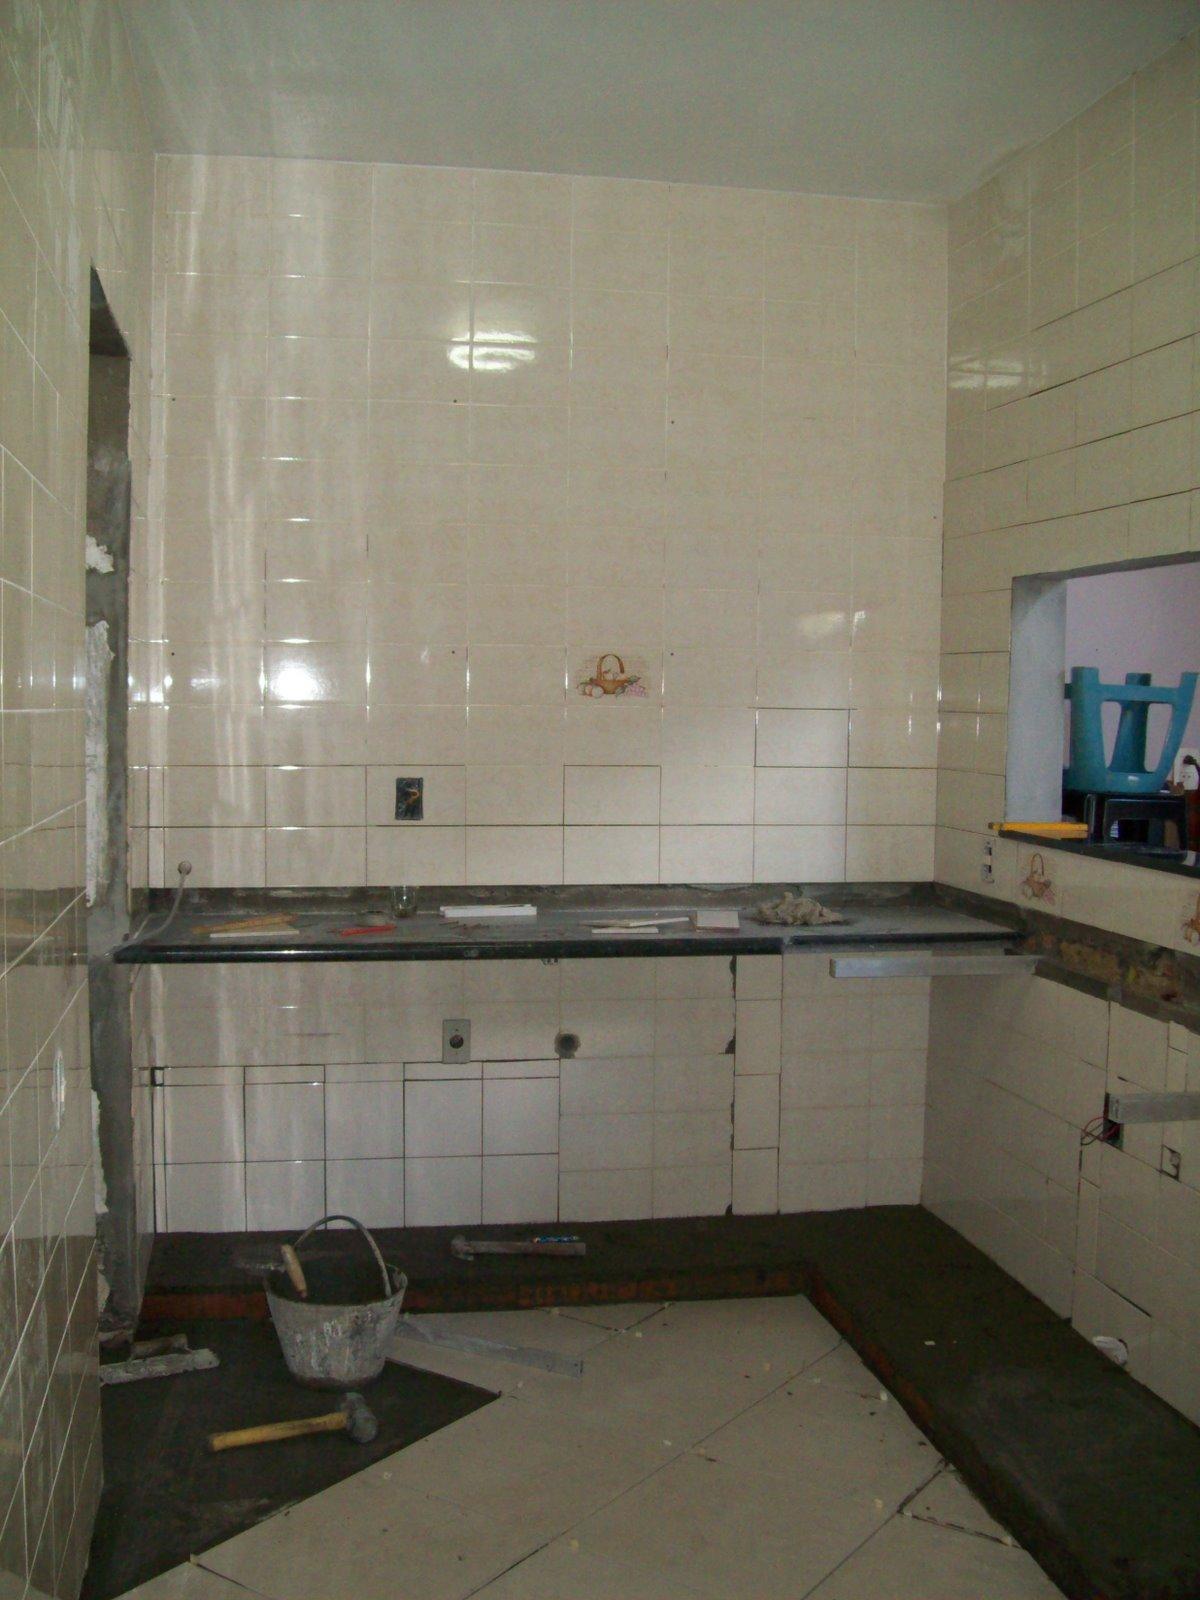 #264D60 Soco pronto piso e bancadas de granito colocados e triturador  758 Jap Janelas De Alumínio Padronizadas